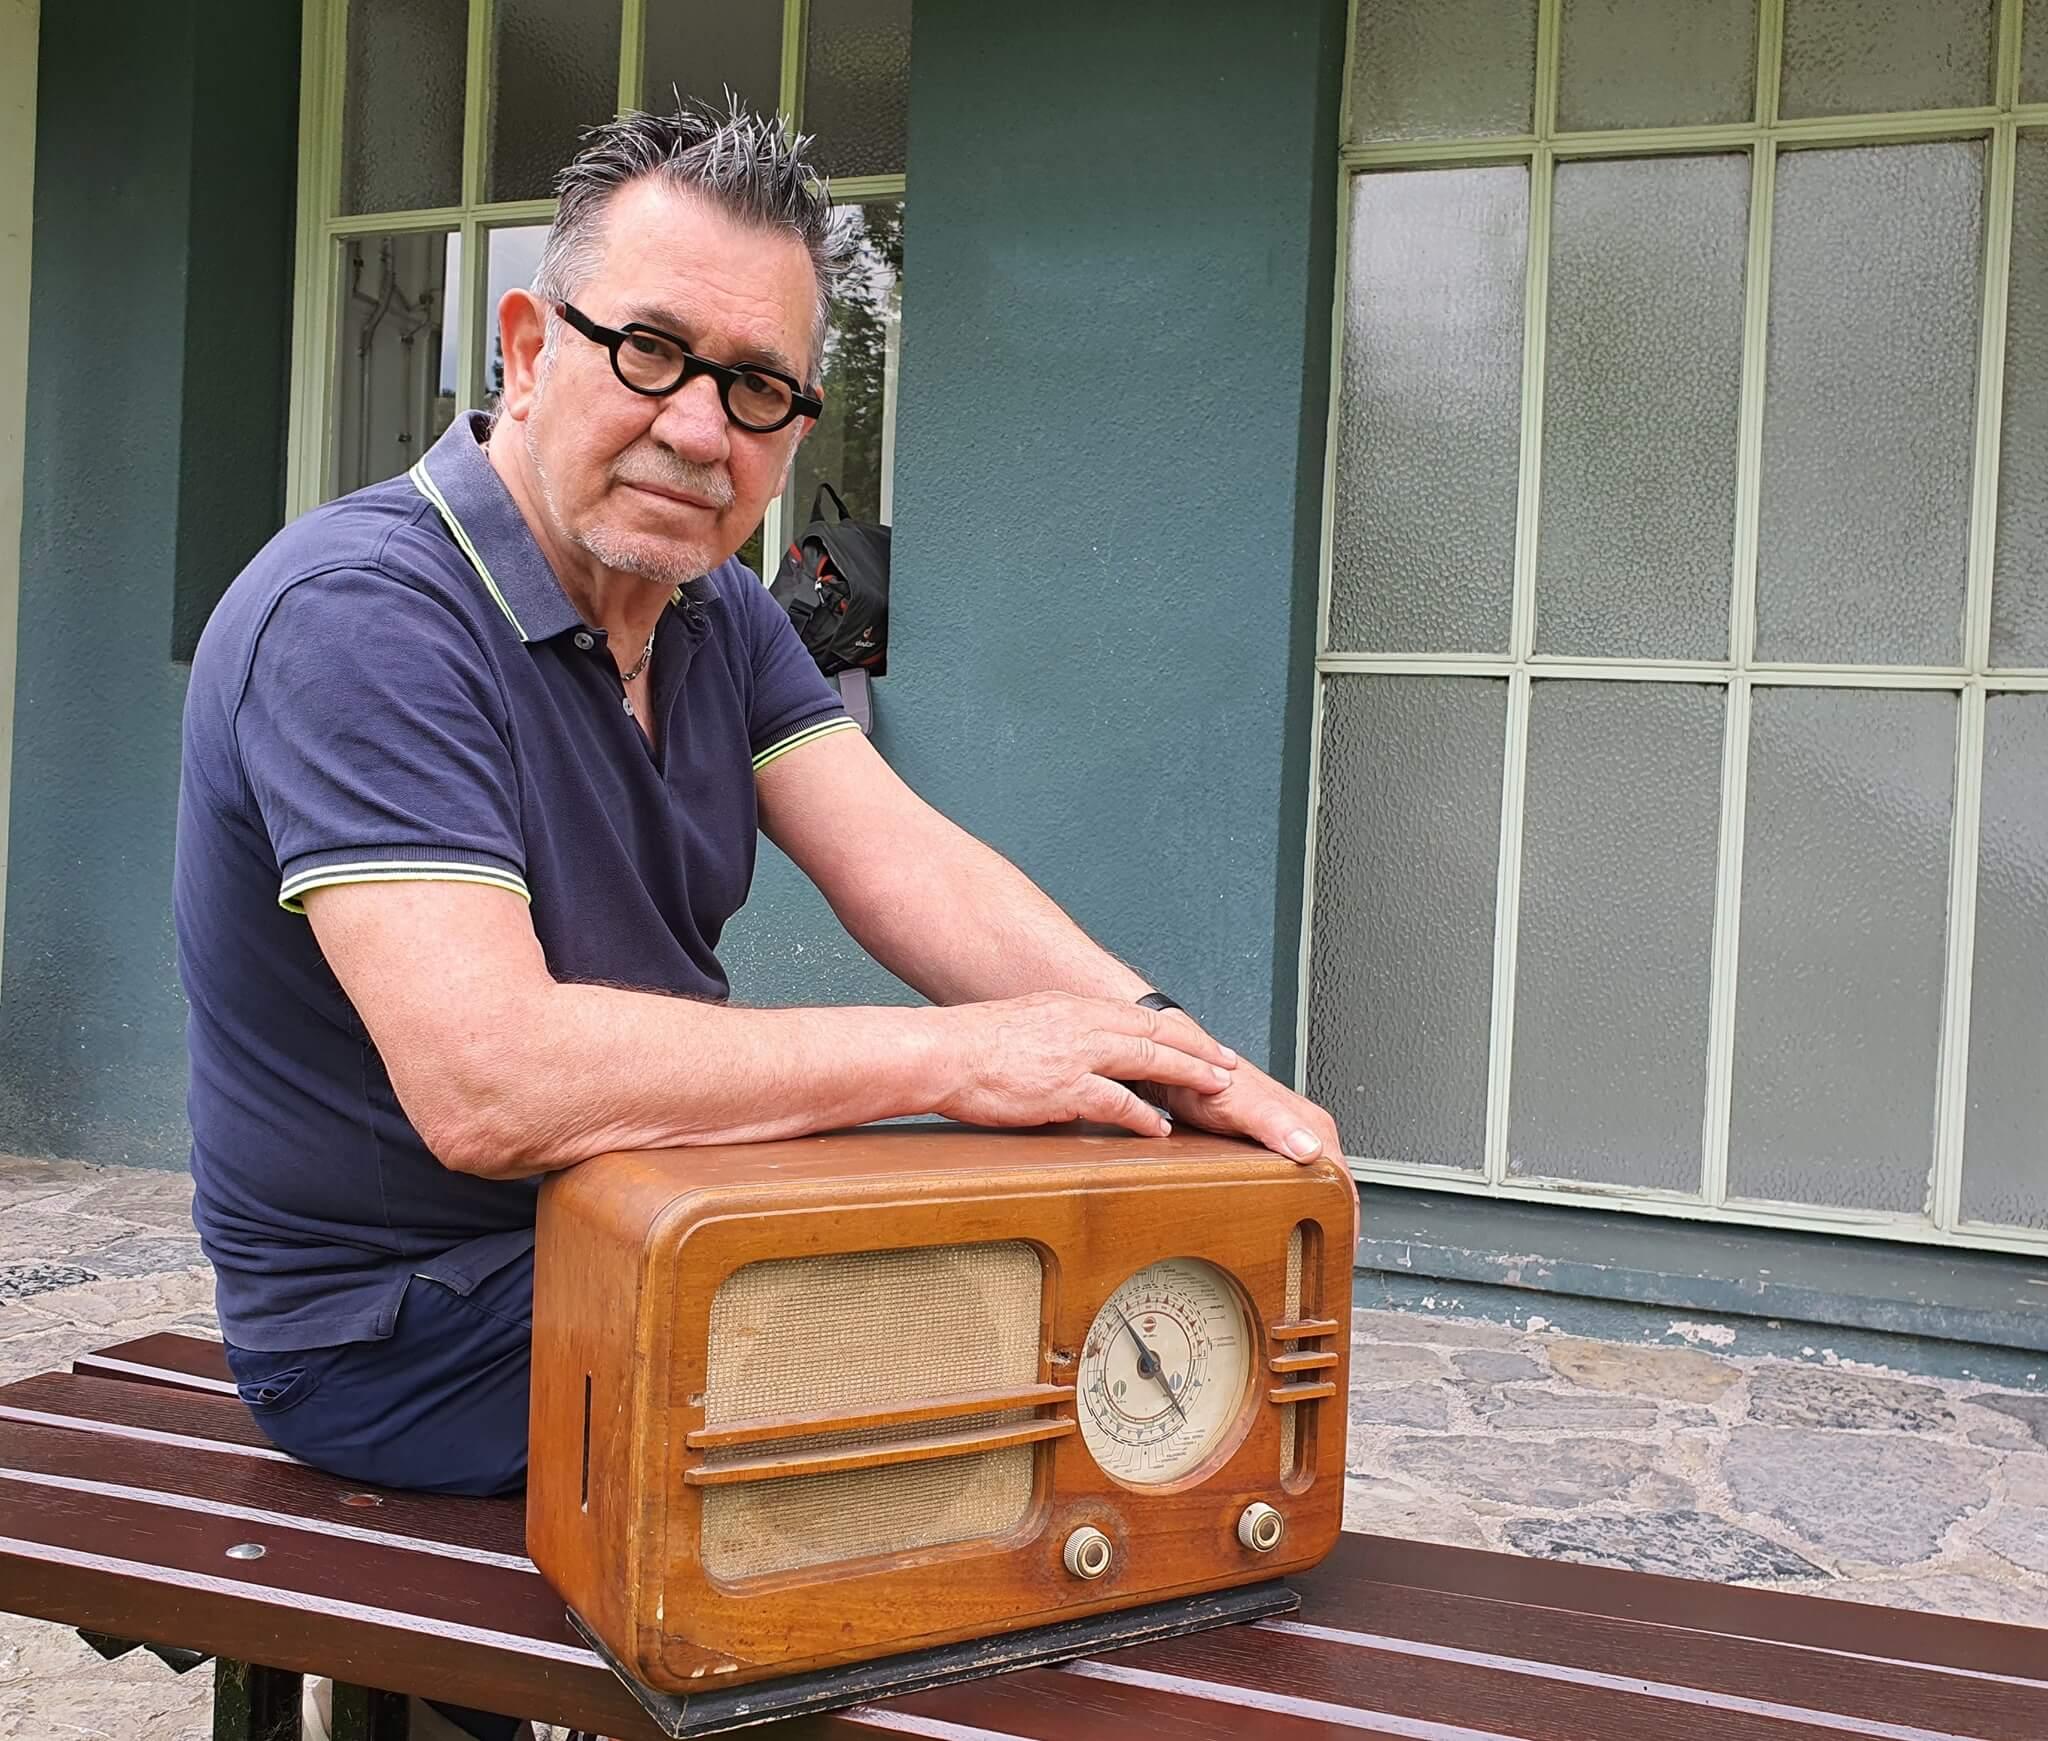 Umirovljenik Tehničkom muzeju darovao radioaparat Kosmaj iz 1949.